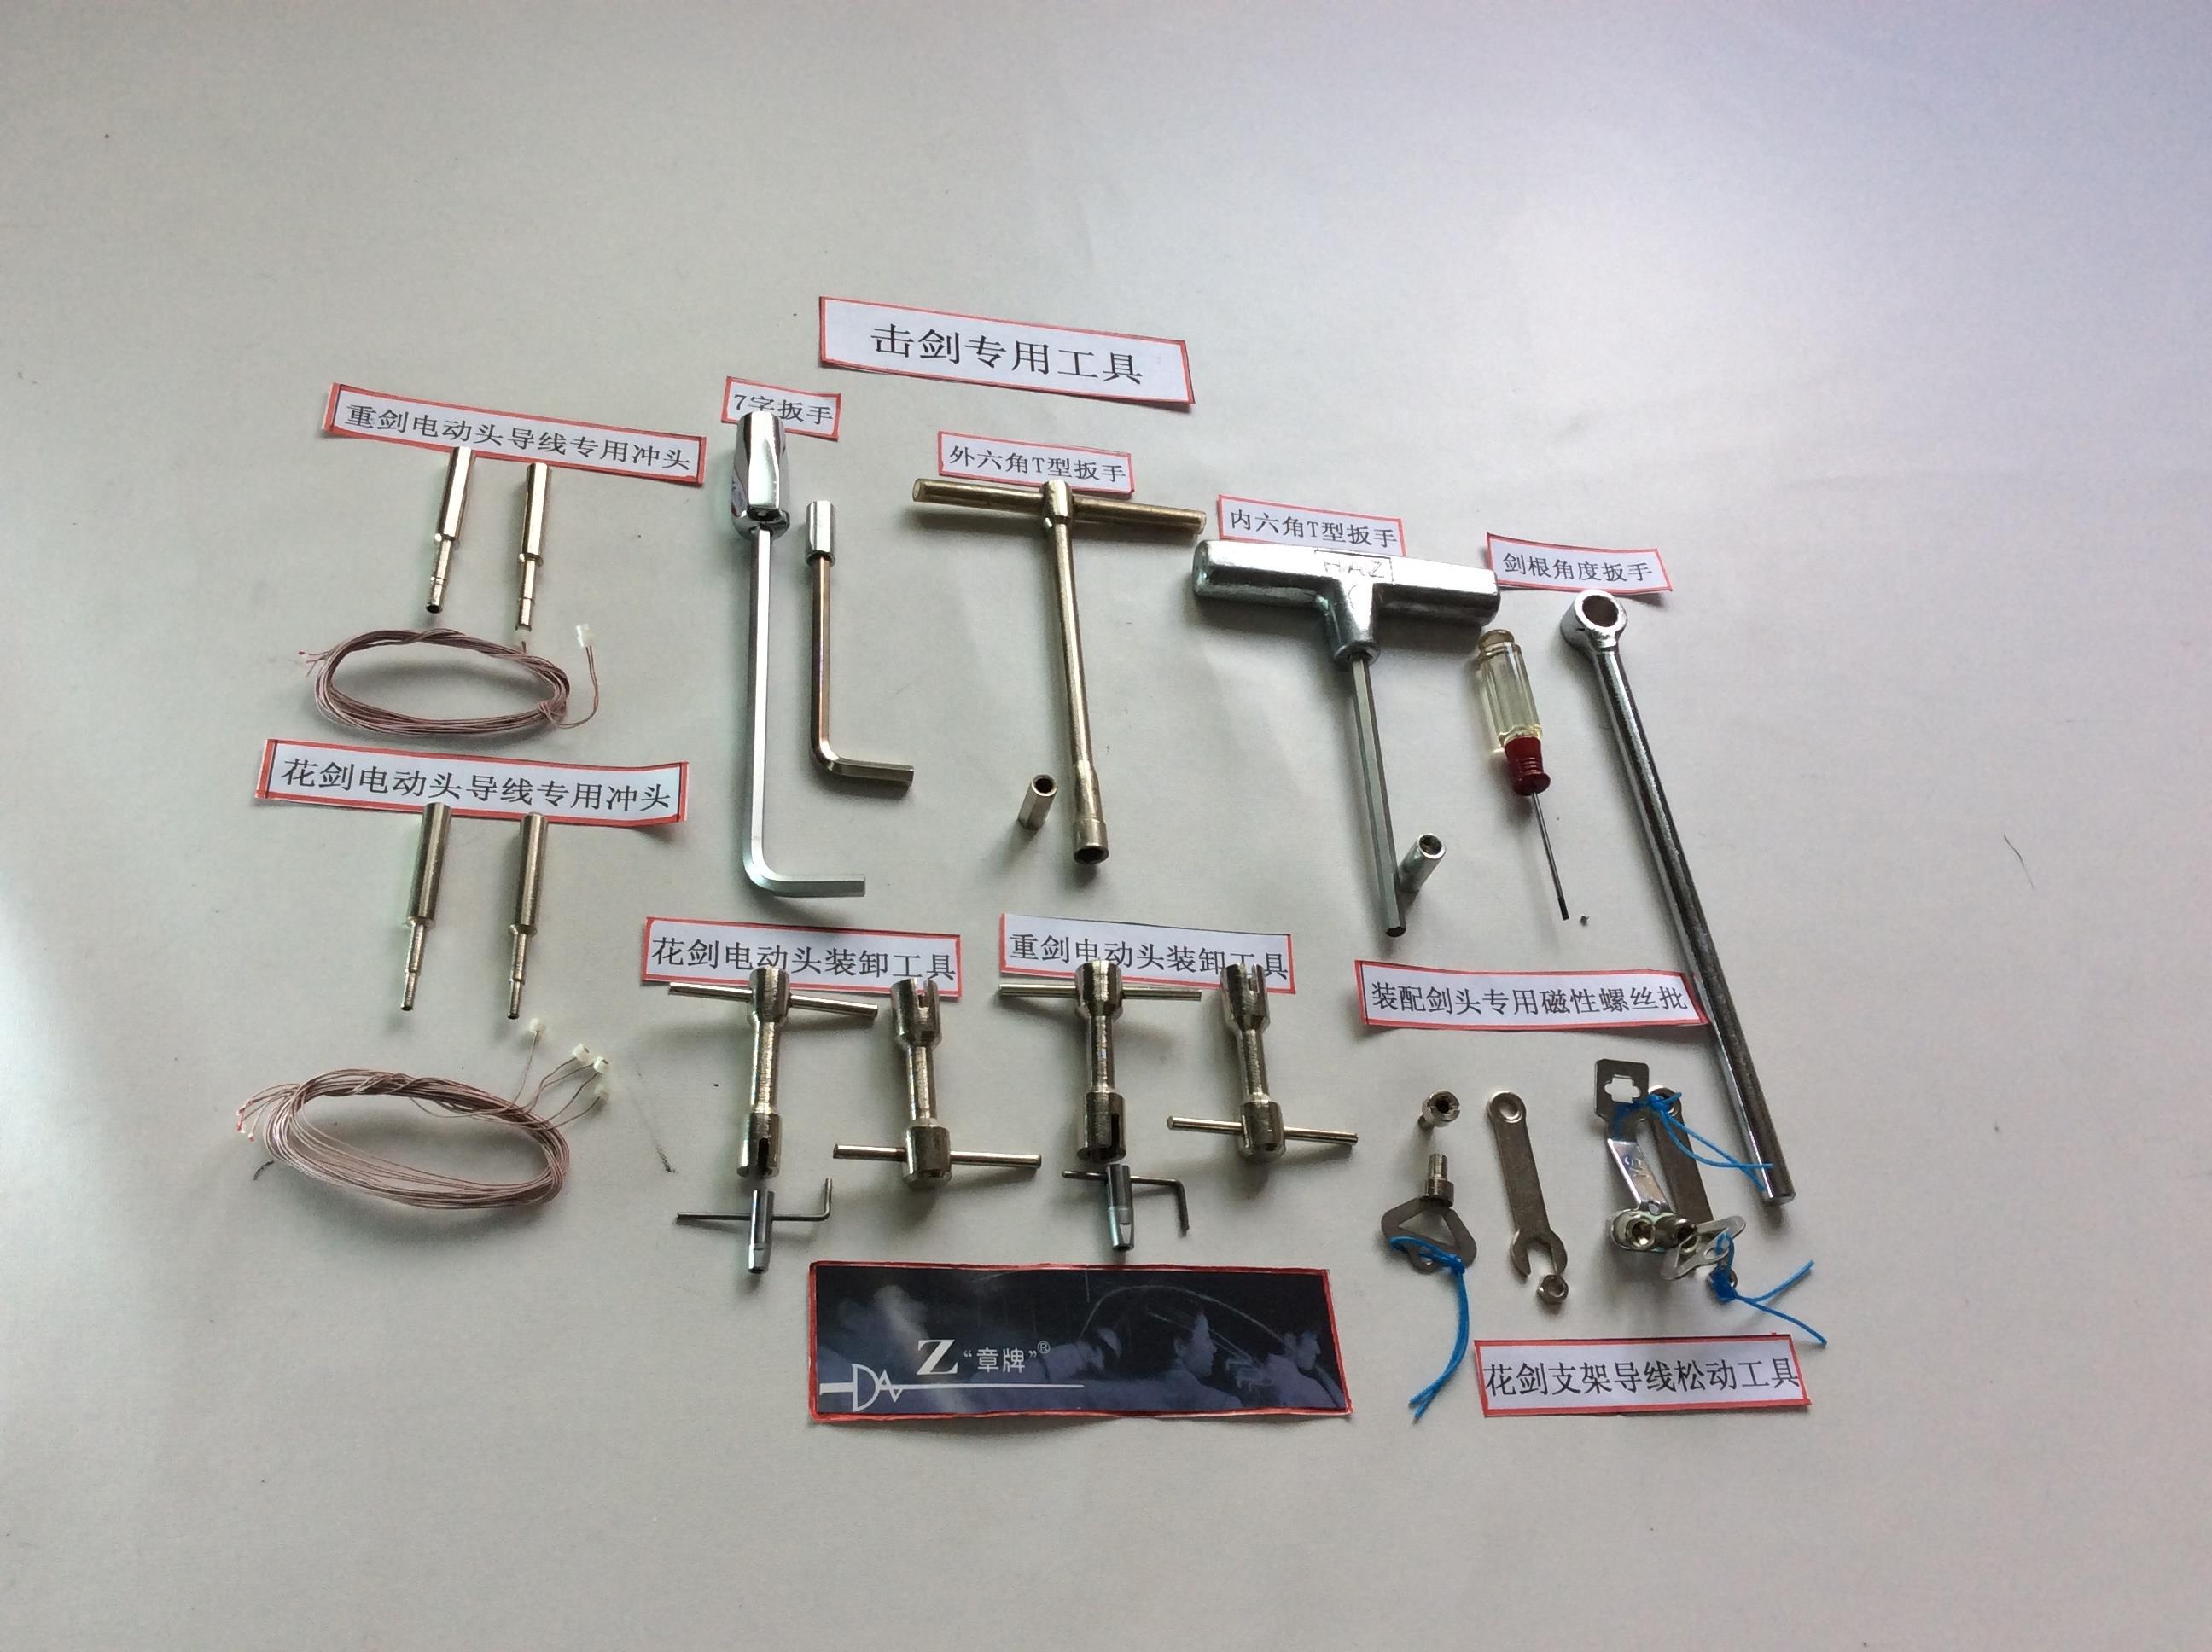 Глава карты забастовка меч инструмент ( продать слиток )